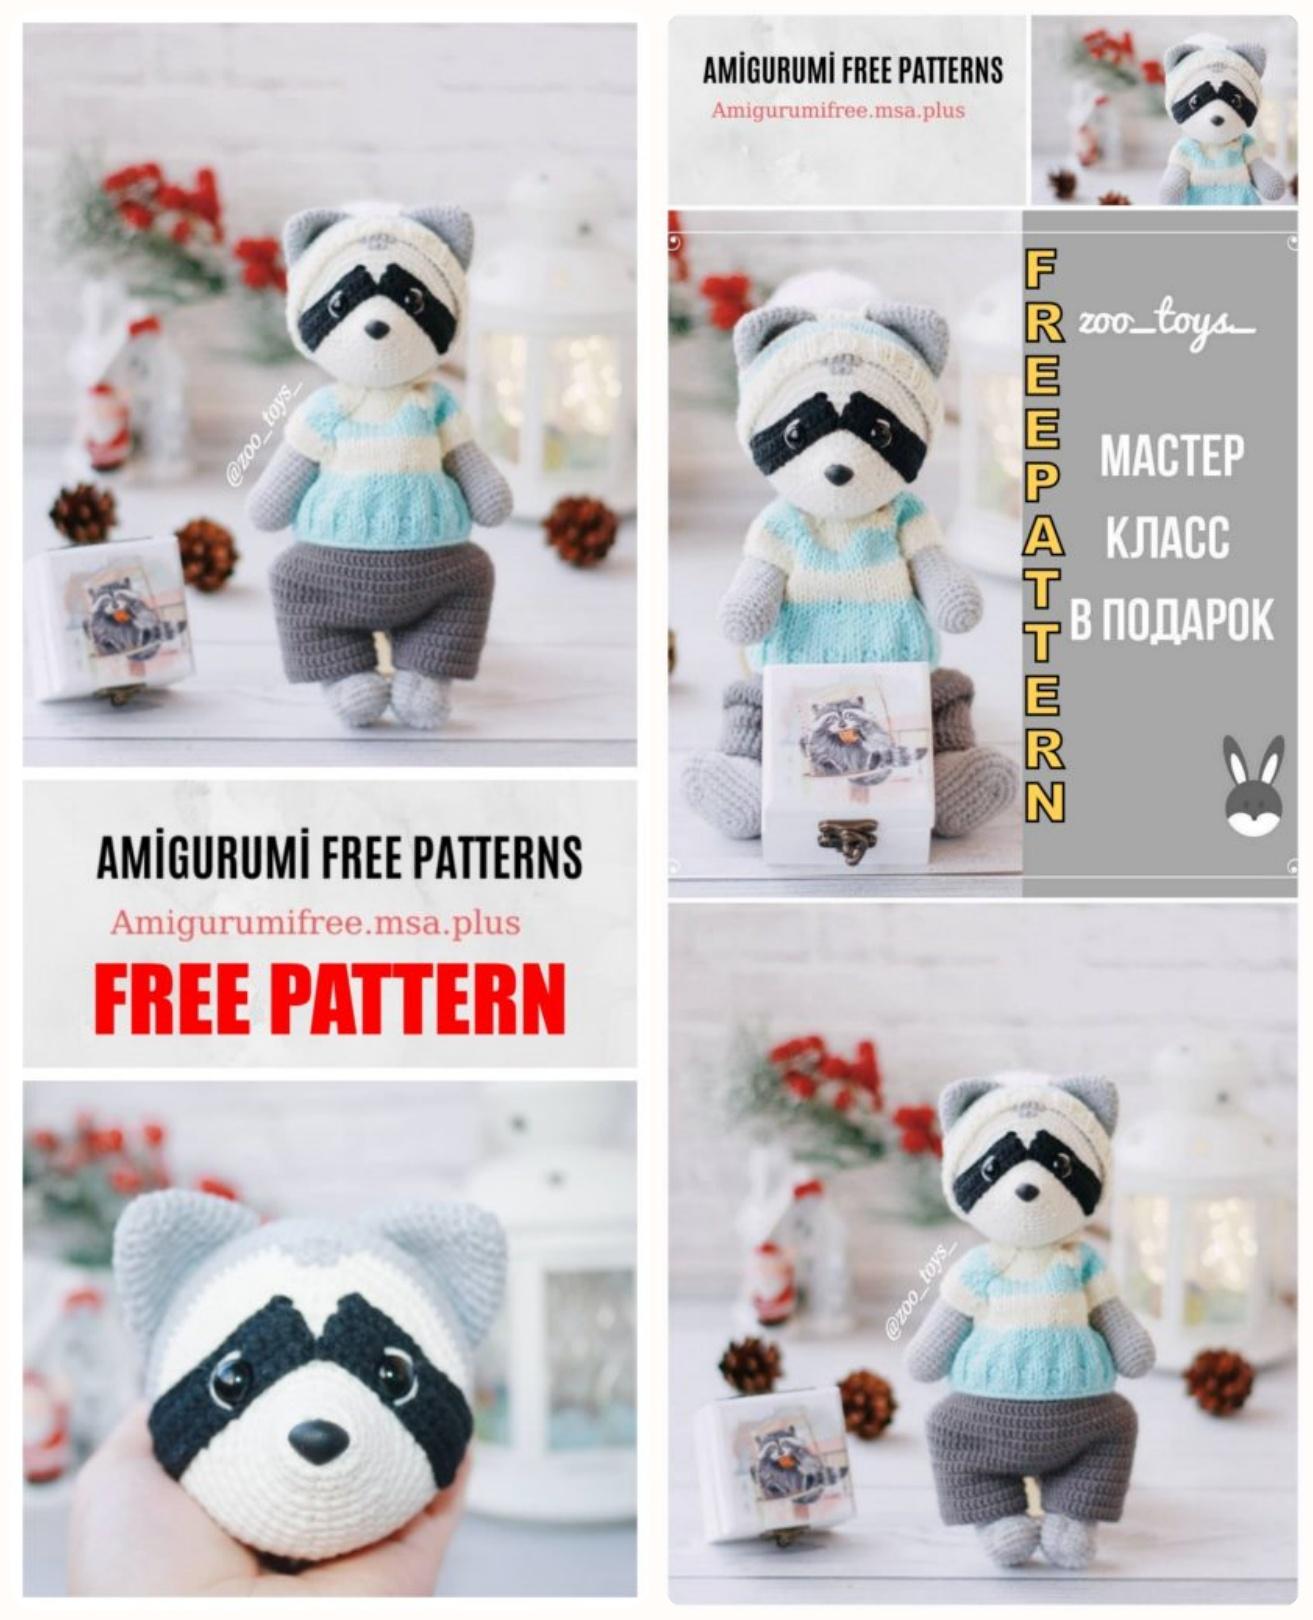 Crochet Raccoon Amigurumi Free Pattern | BeesDIY.com | 1620x1313